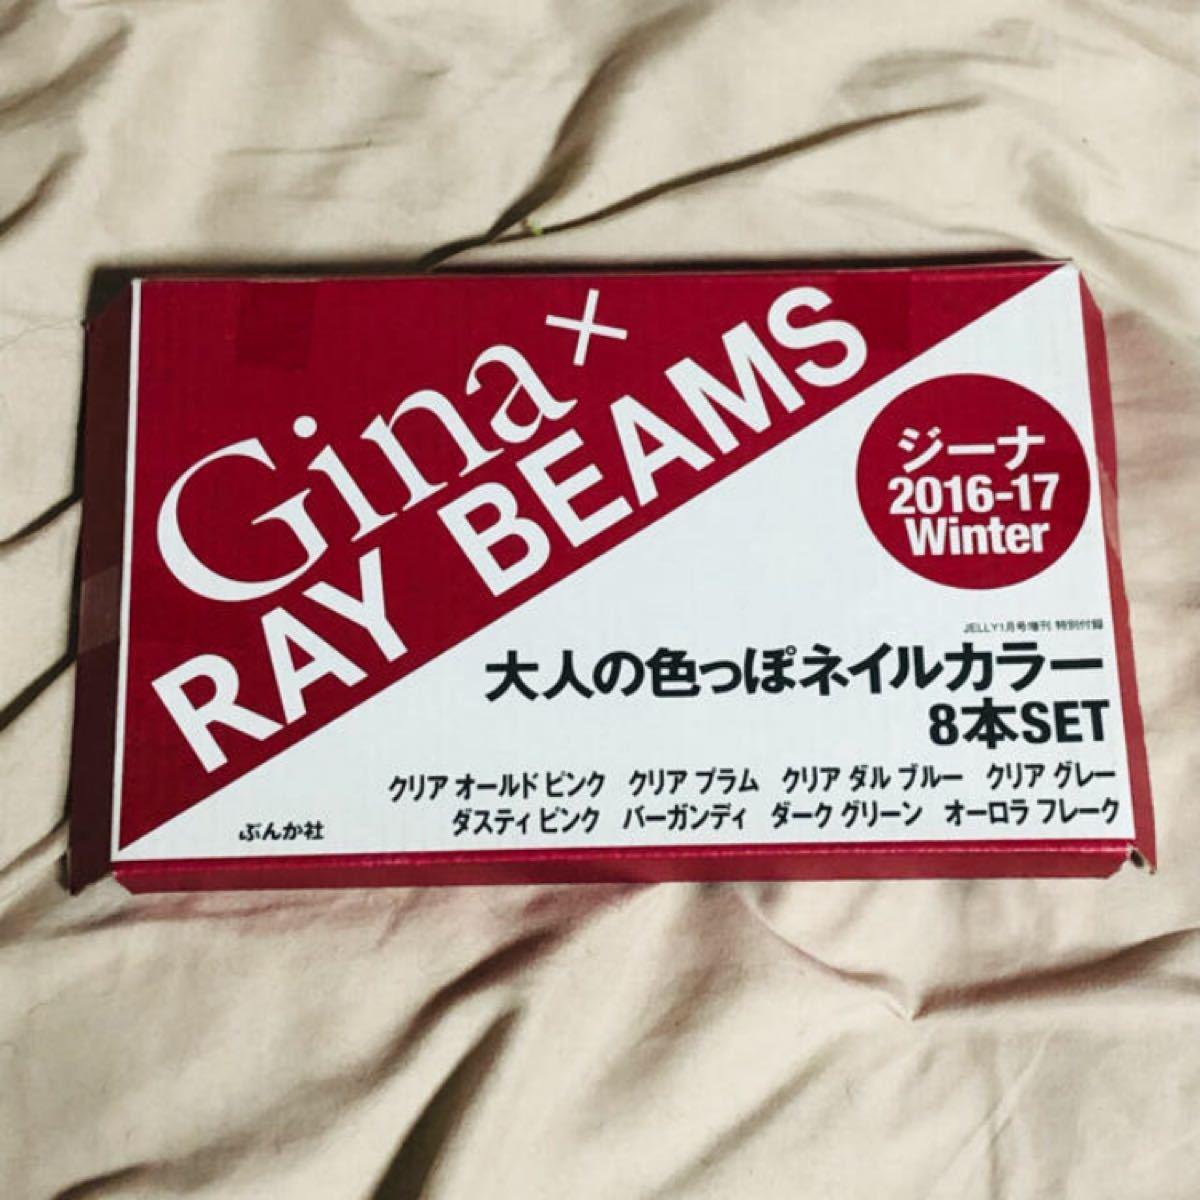 ネイルカラー マニキュア ネイル8本セット Gina RAY BEAMS